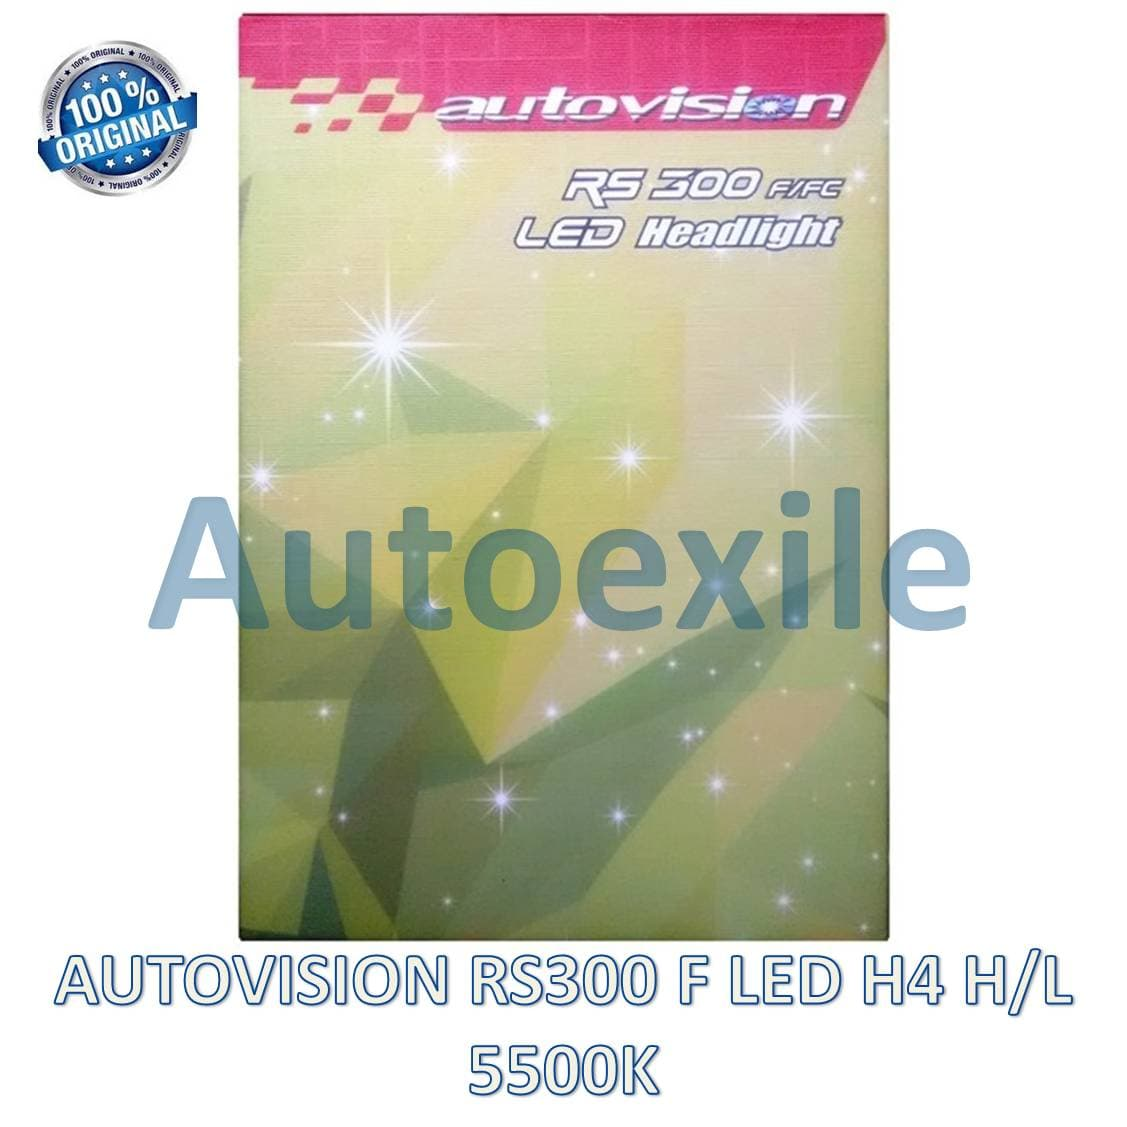 Autovision RS300 F LED H4 H/L 30W 5500K Putih Seoul RS-300 Lampu Mobil